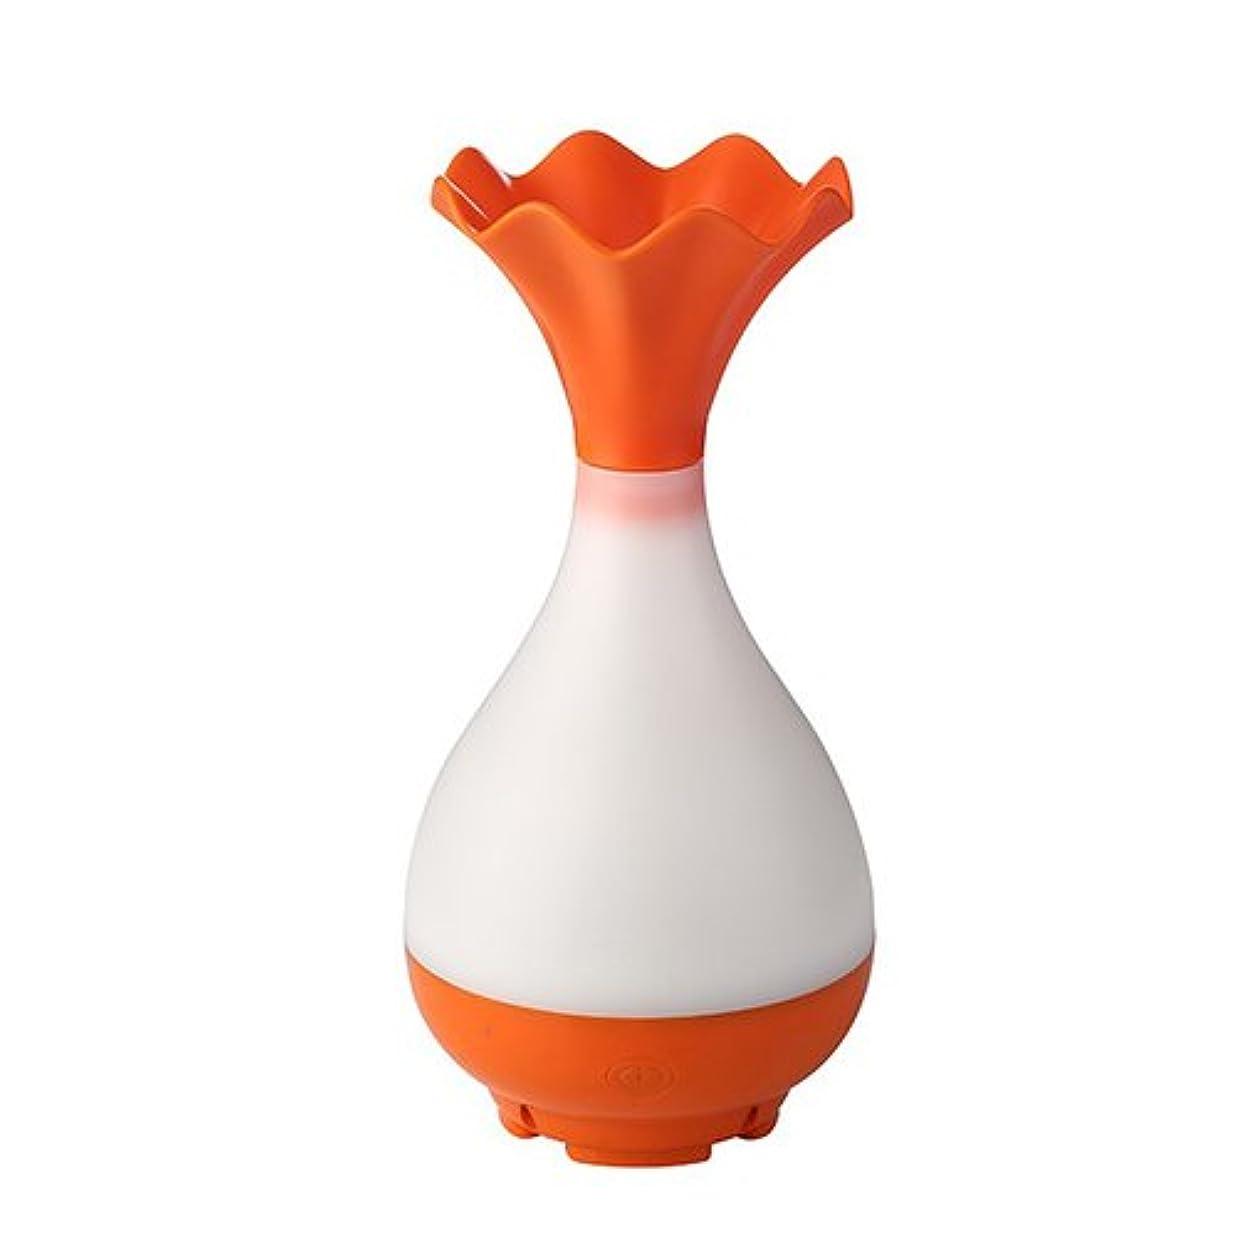 定刻スティーブンソン祭りMystic Moments   Orange Vase Bottle USB Aromatherapy Oil Humidifier Diffuser with LED Lighting